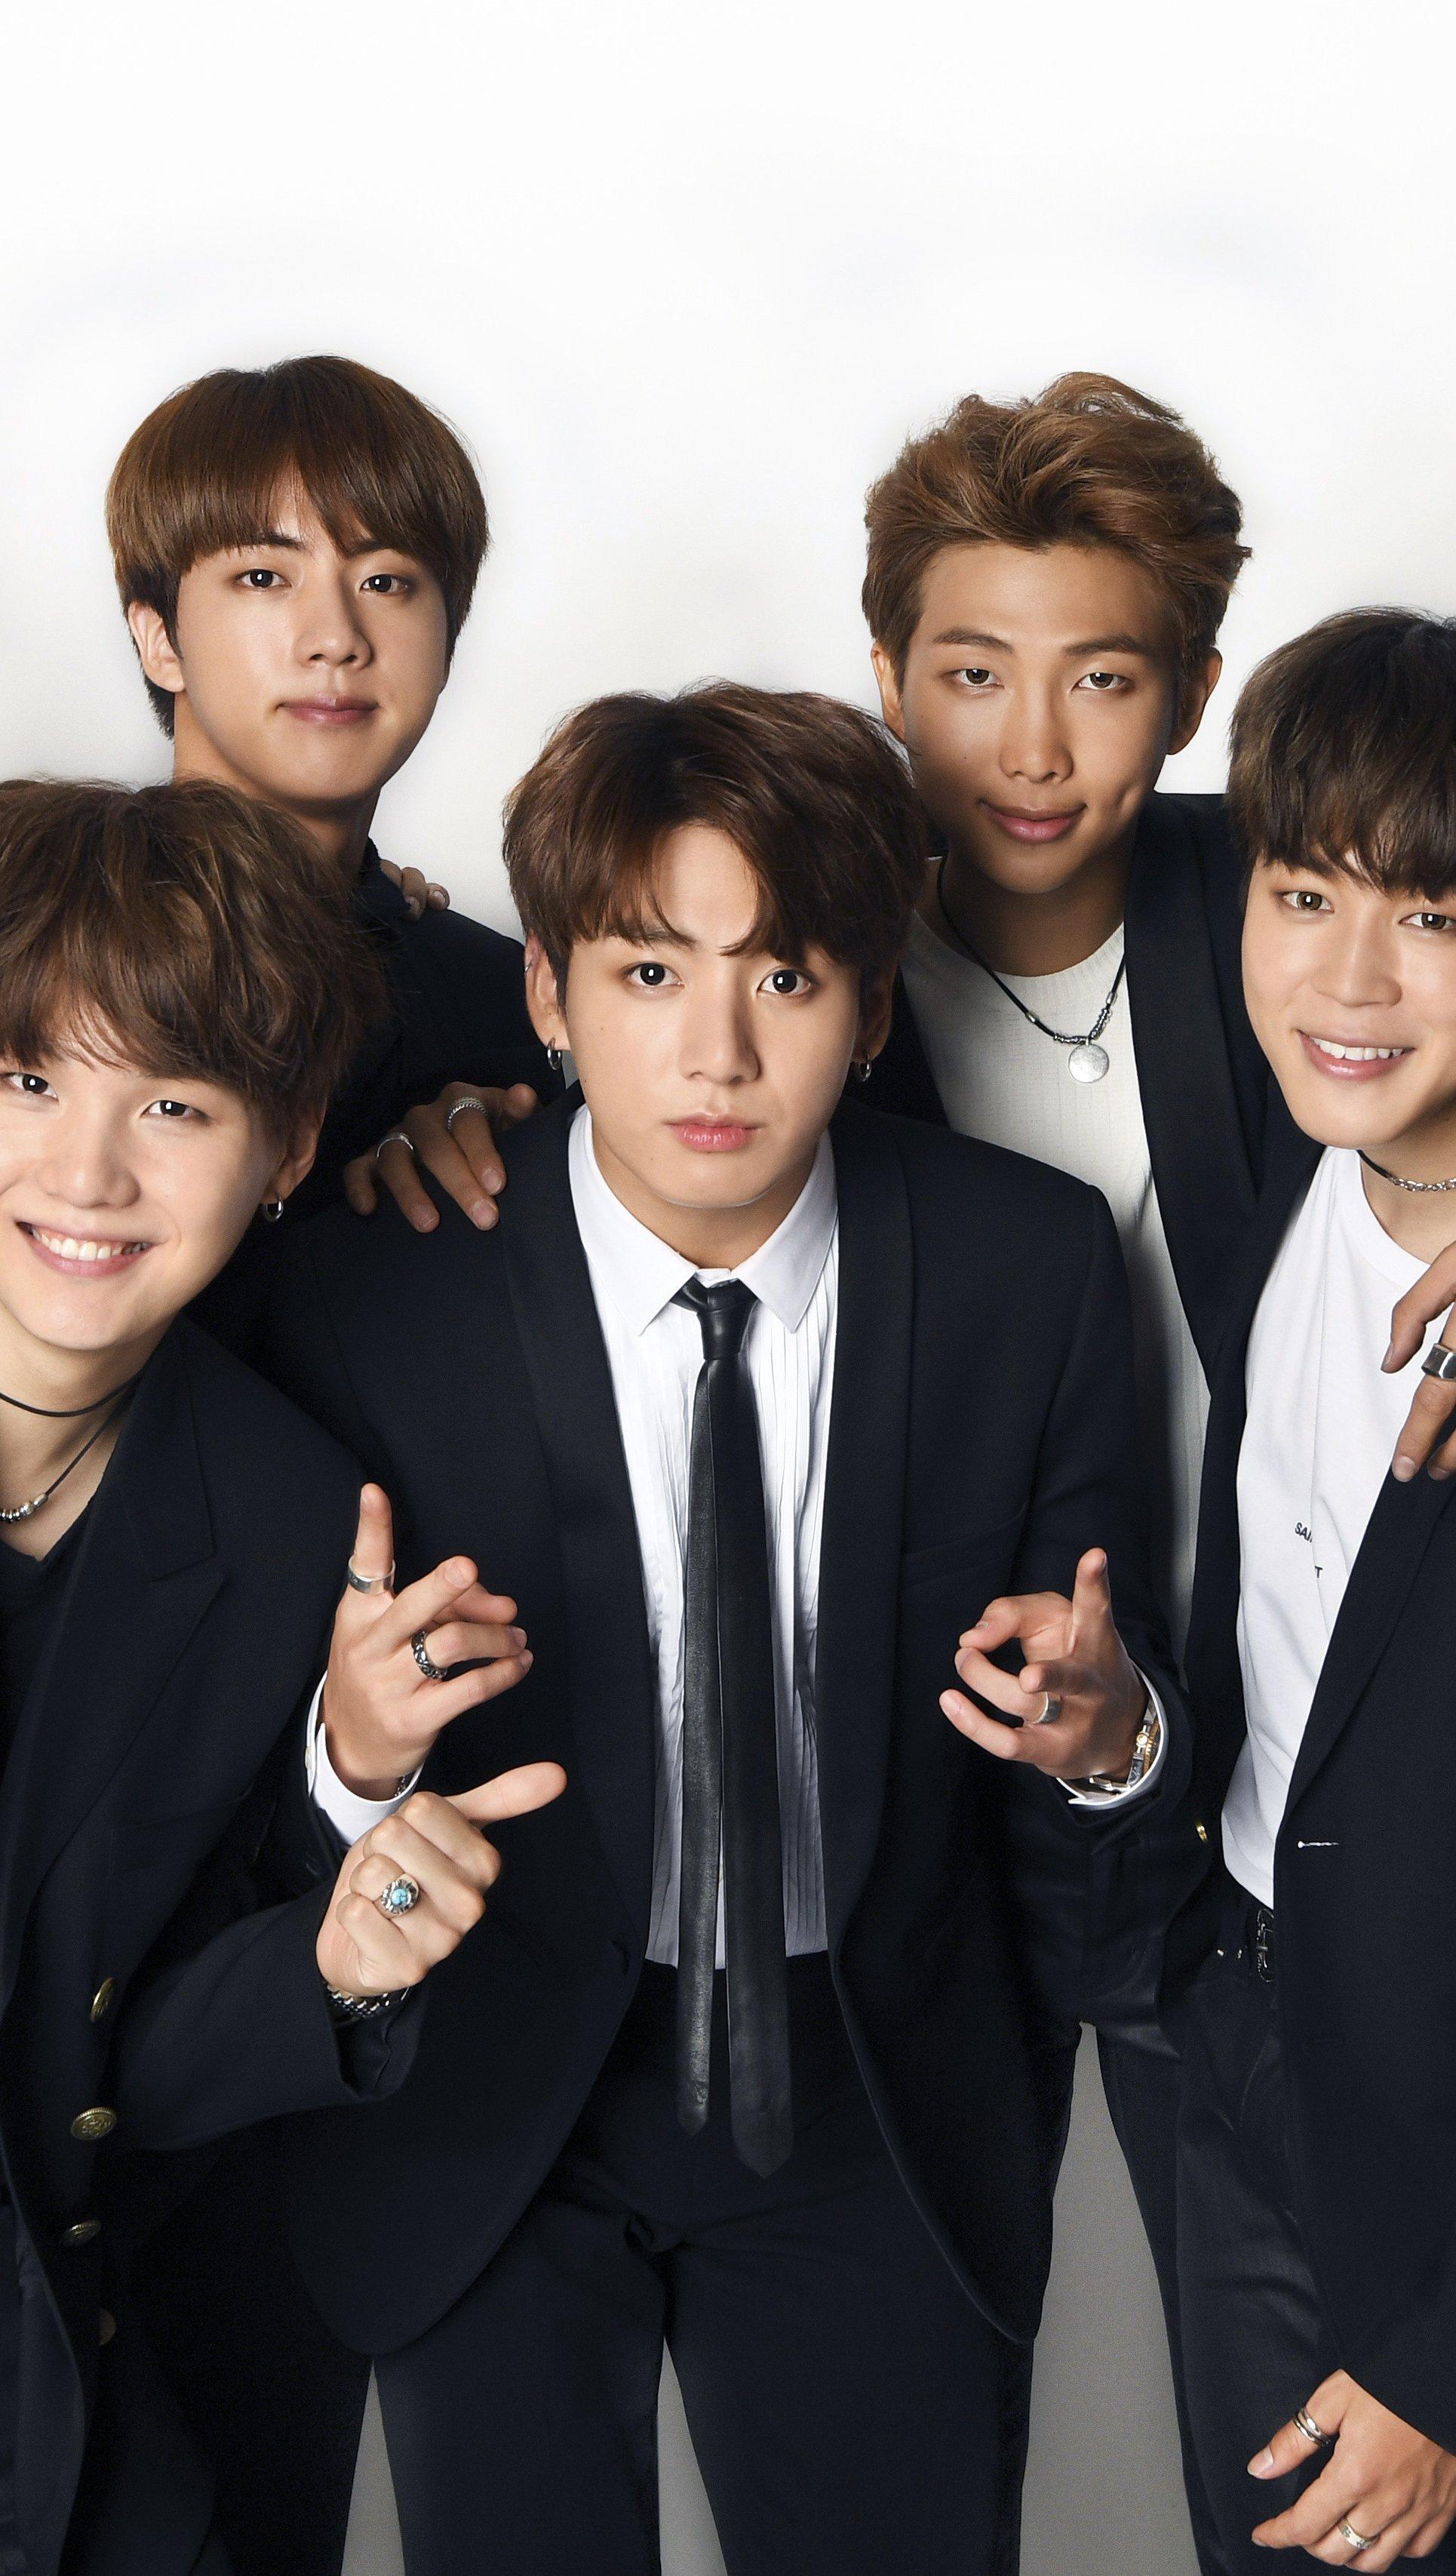 Fondos de pantalla BTS Bangtan Boys Vertical